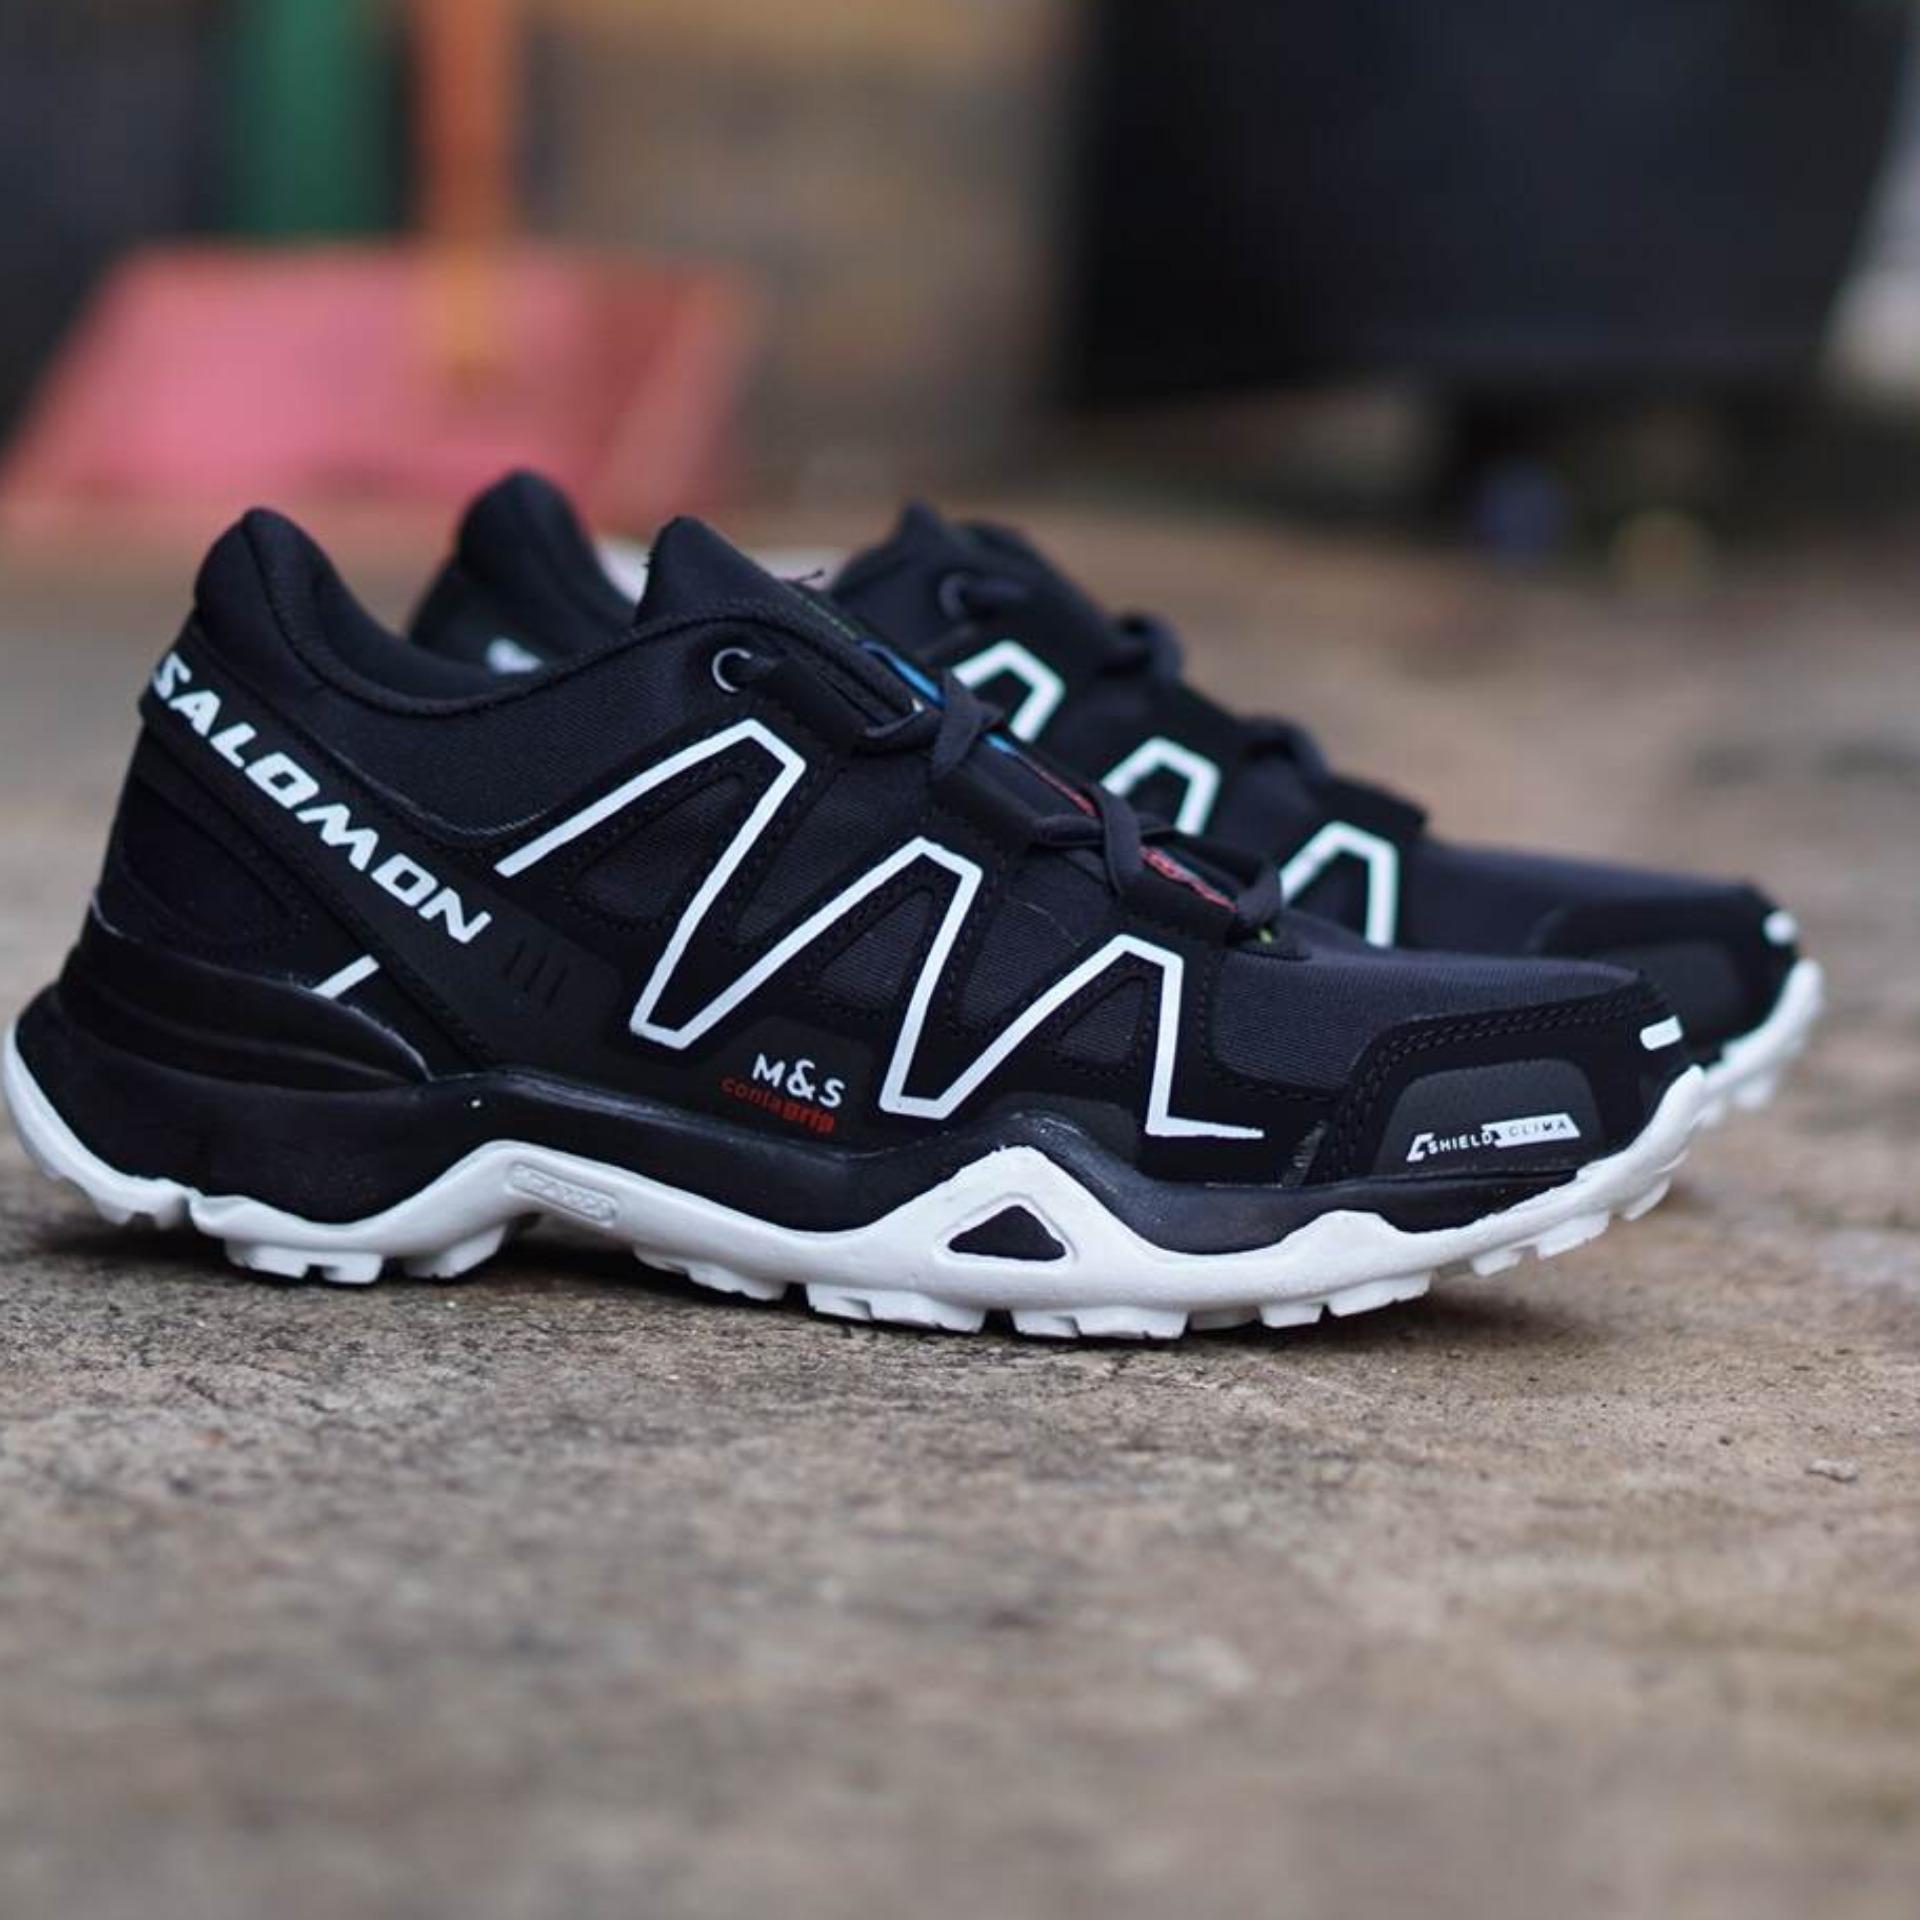 Jual Produk Salomon Online Terbaru Di Ardiles Bramuda Men Running Shoes Hitam 39